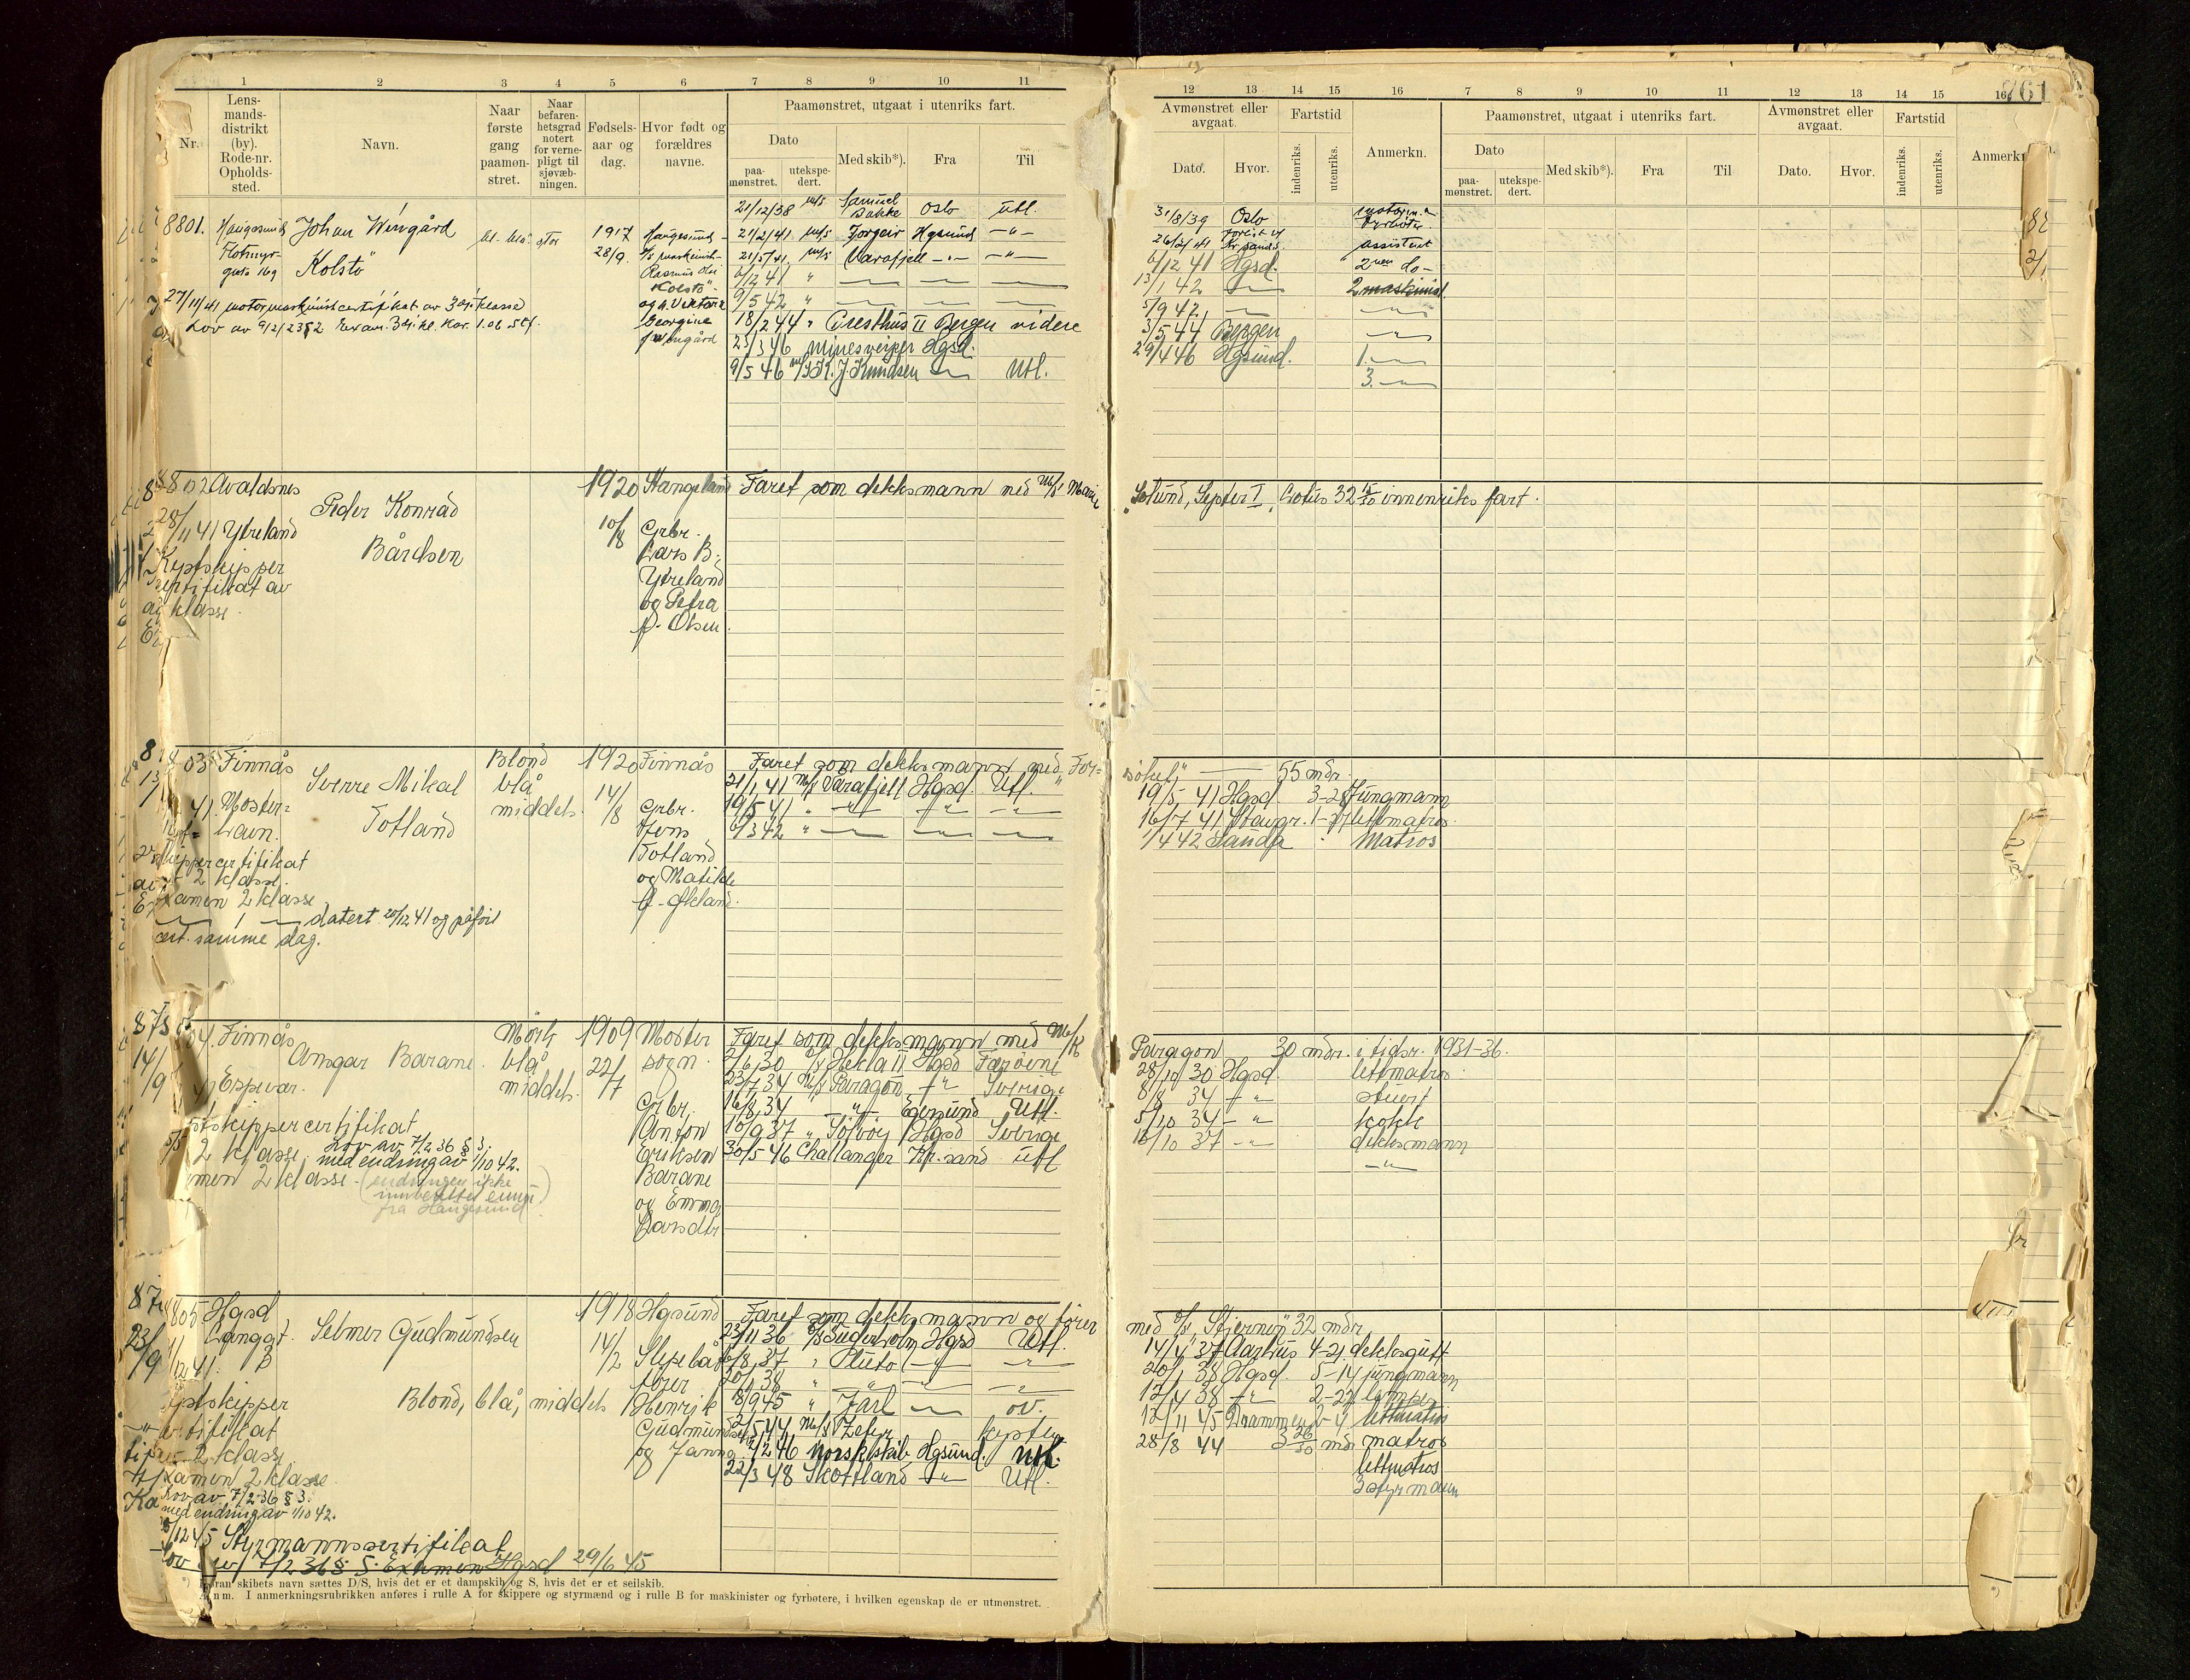 SAST, Haugesund sjømannskontor, F/Fb/Fbb/L0015: Sjøfartsrulle A Haugesund krets I nr 5001-8970, 1912-1948, s. 761